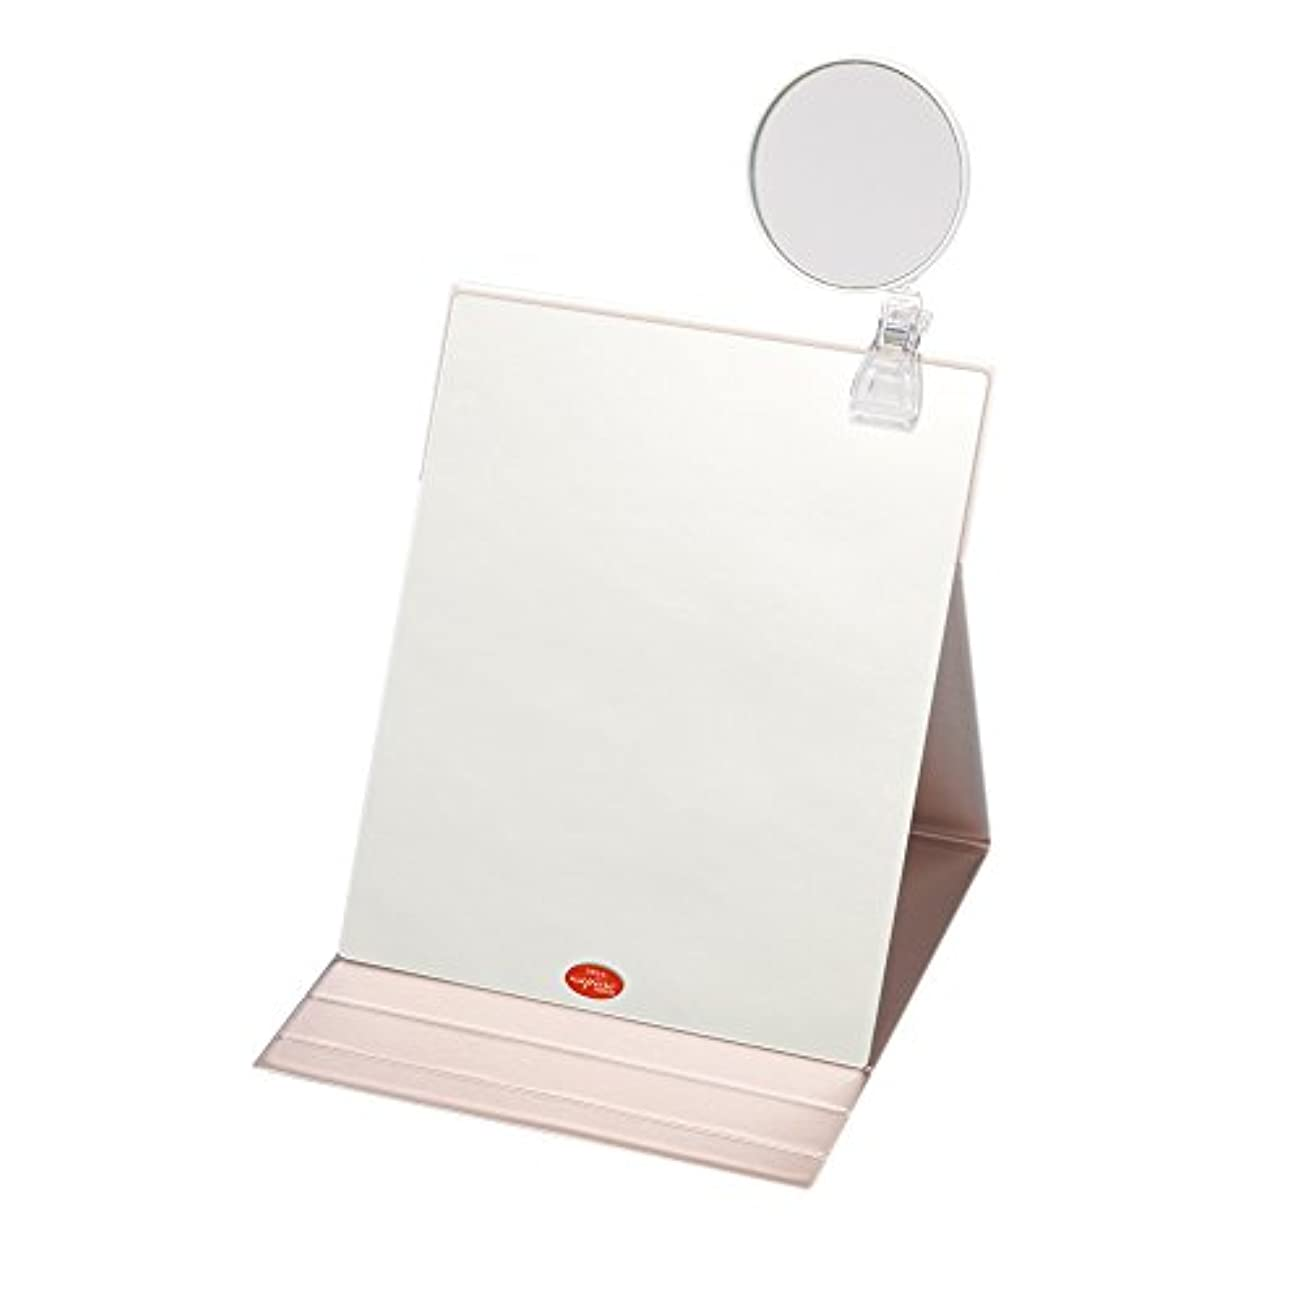 自我反対怪物ナピュアミラー 3倍拡大鏡付きプロモデル折立ナピュアミラー3L ピンクゴールド HP-39×3